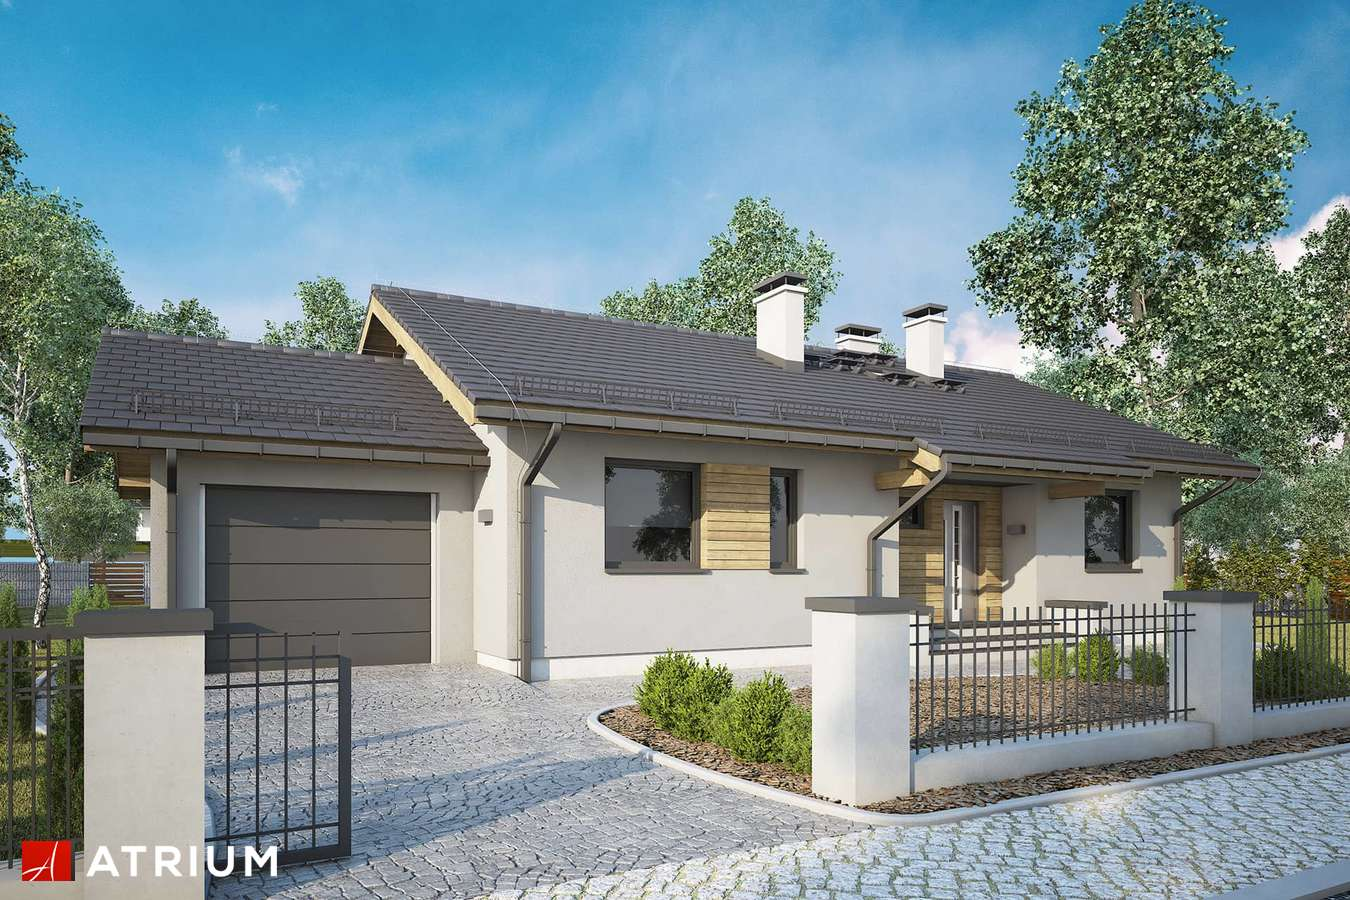 Projekty domów - Projekt domu parterowego NEO III - wizualizacja 1